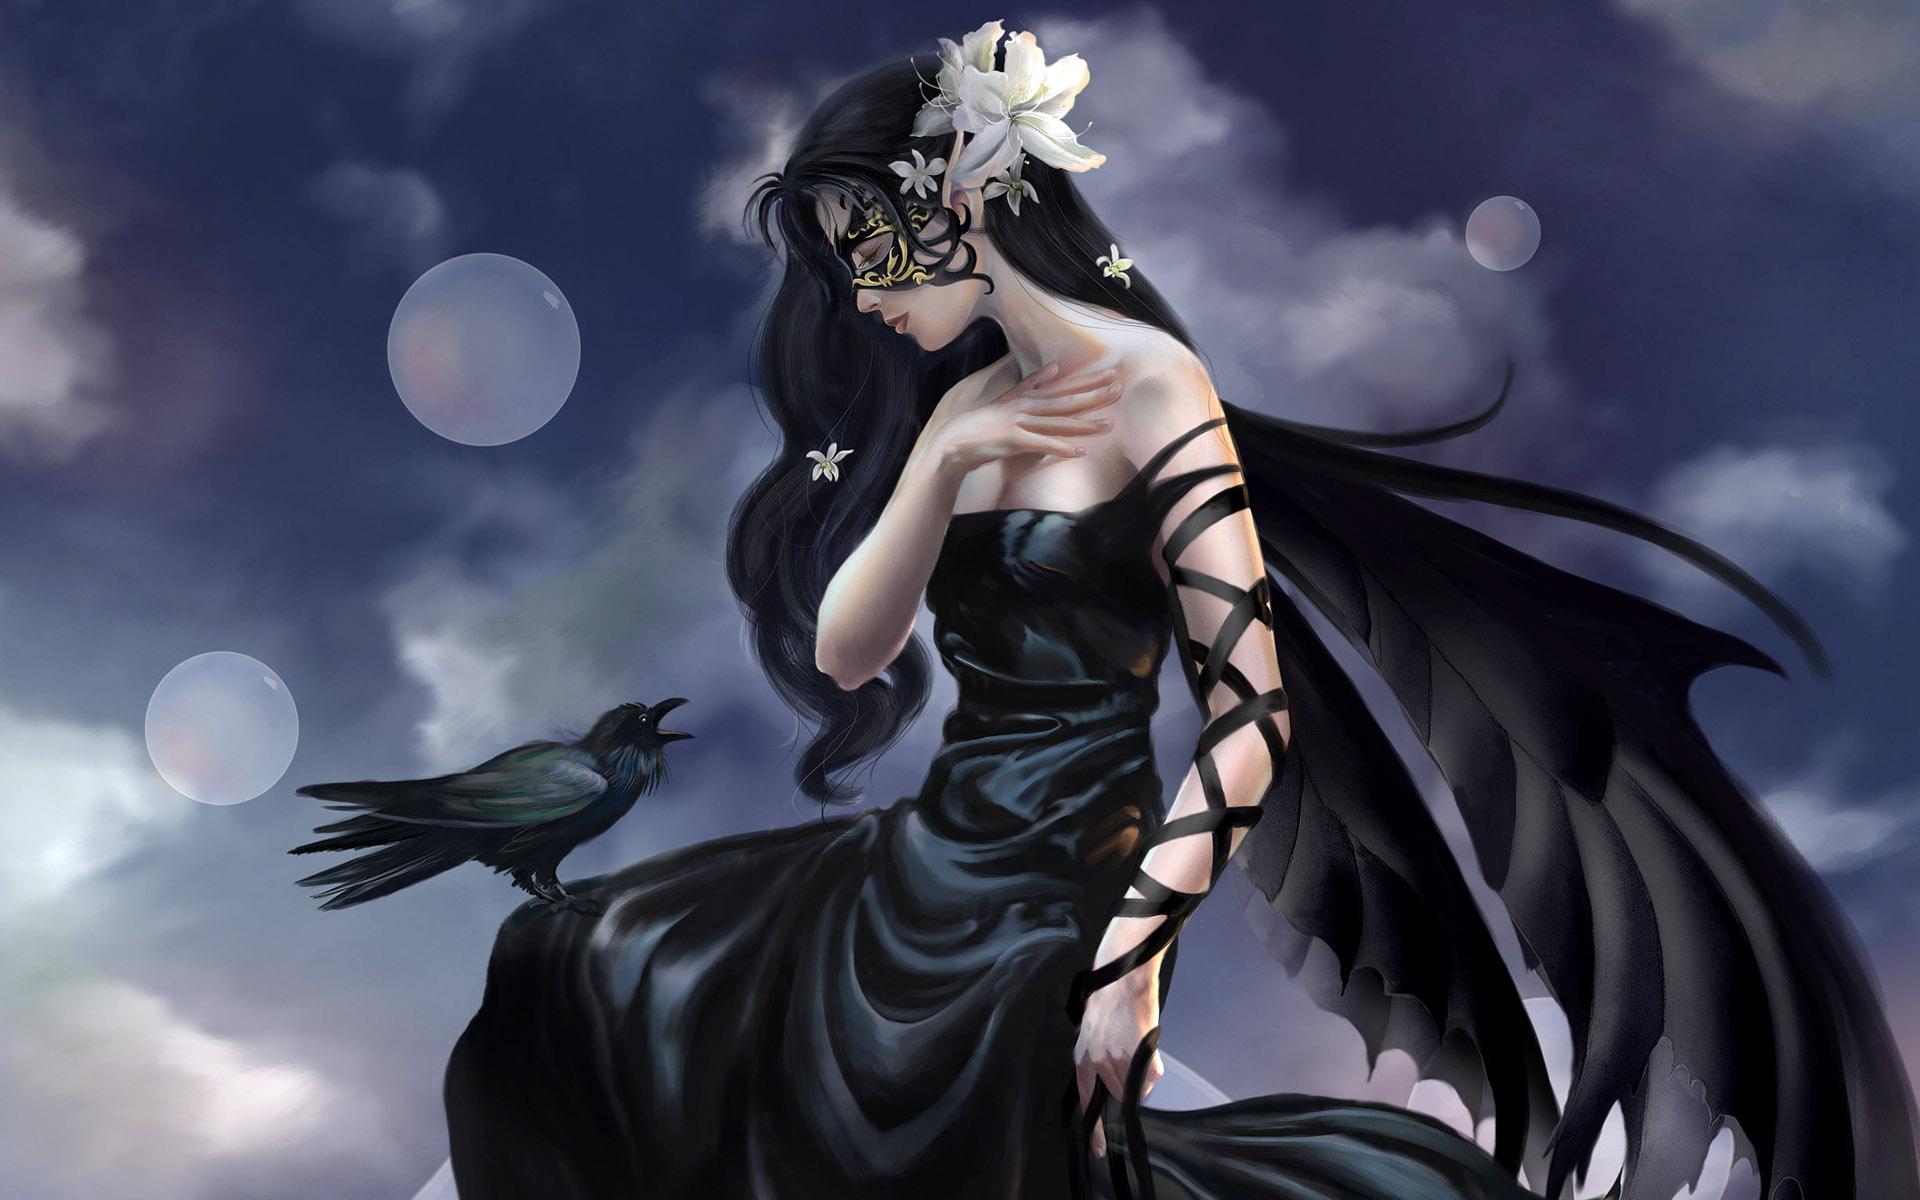 Fantasy girl   Raven wallpapers Fantasy girl   Raven stock photos 1920x1200